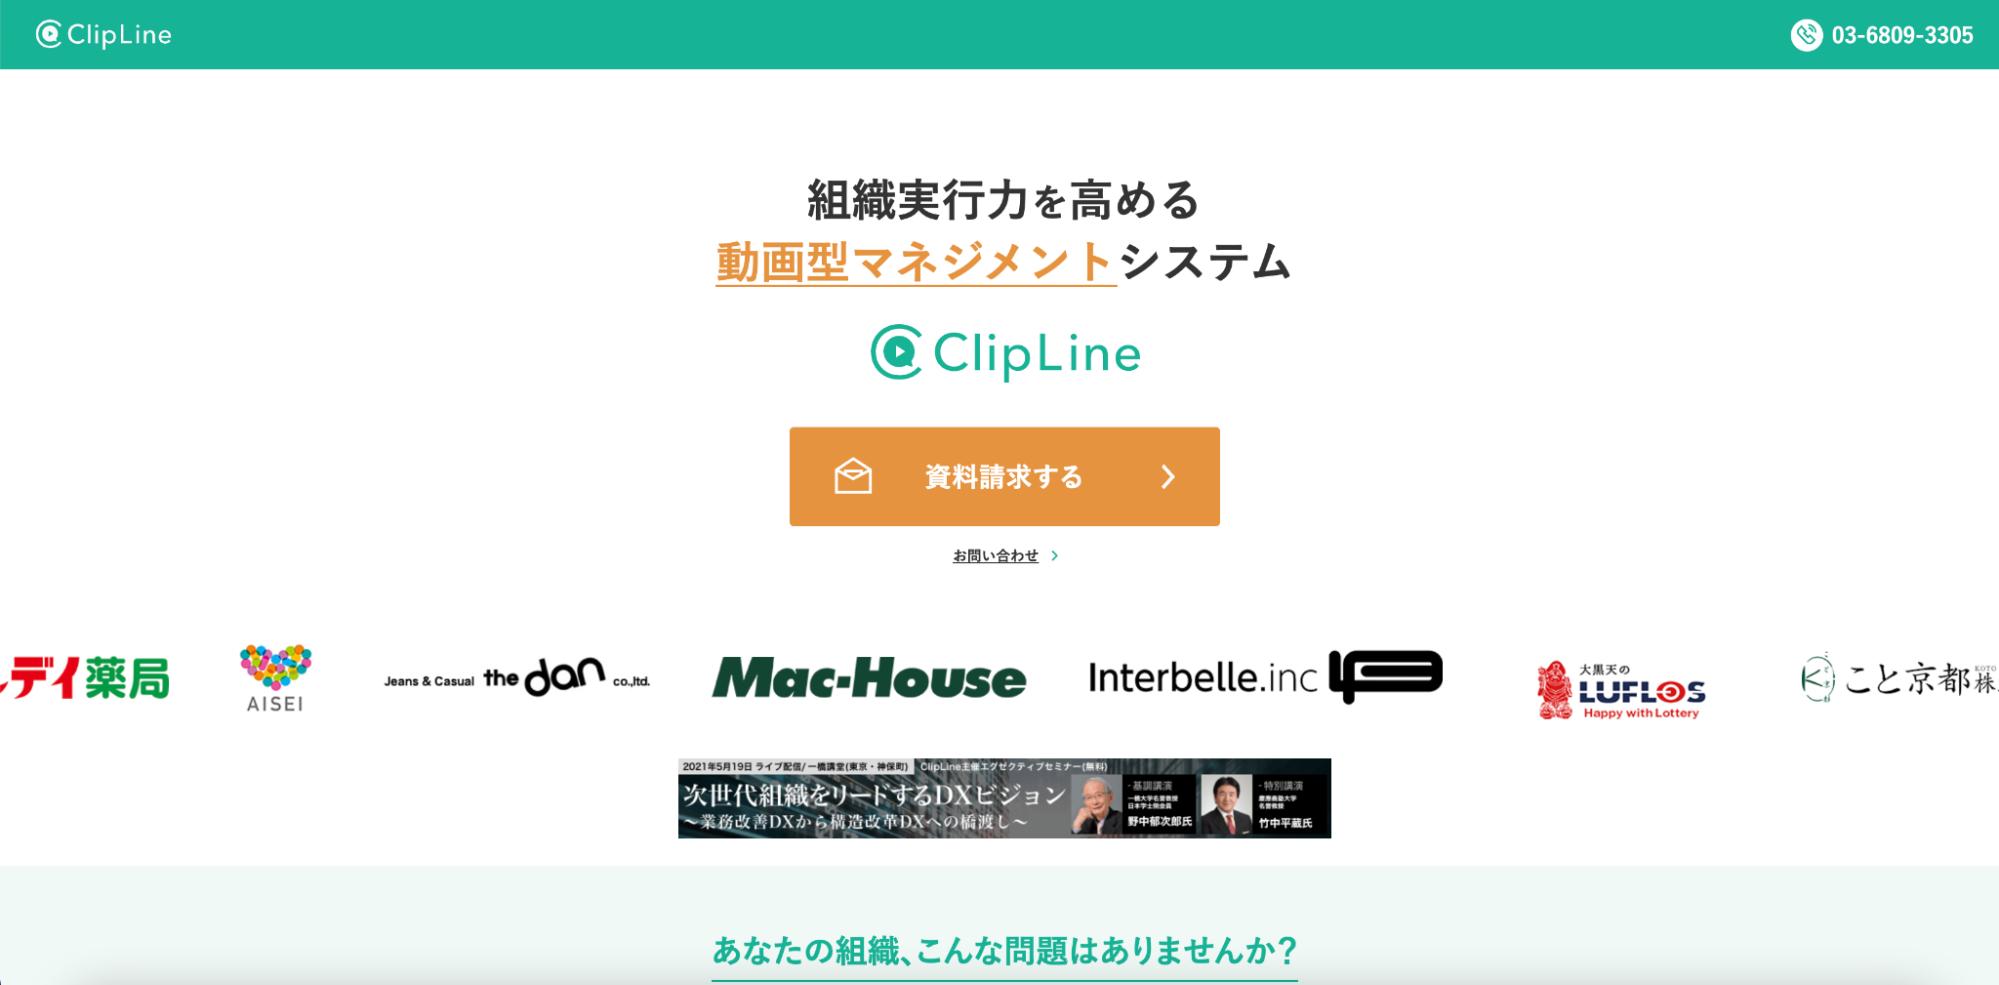 cliplineのWebサイトトップ画面